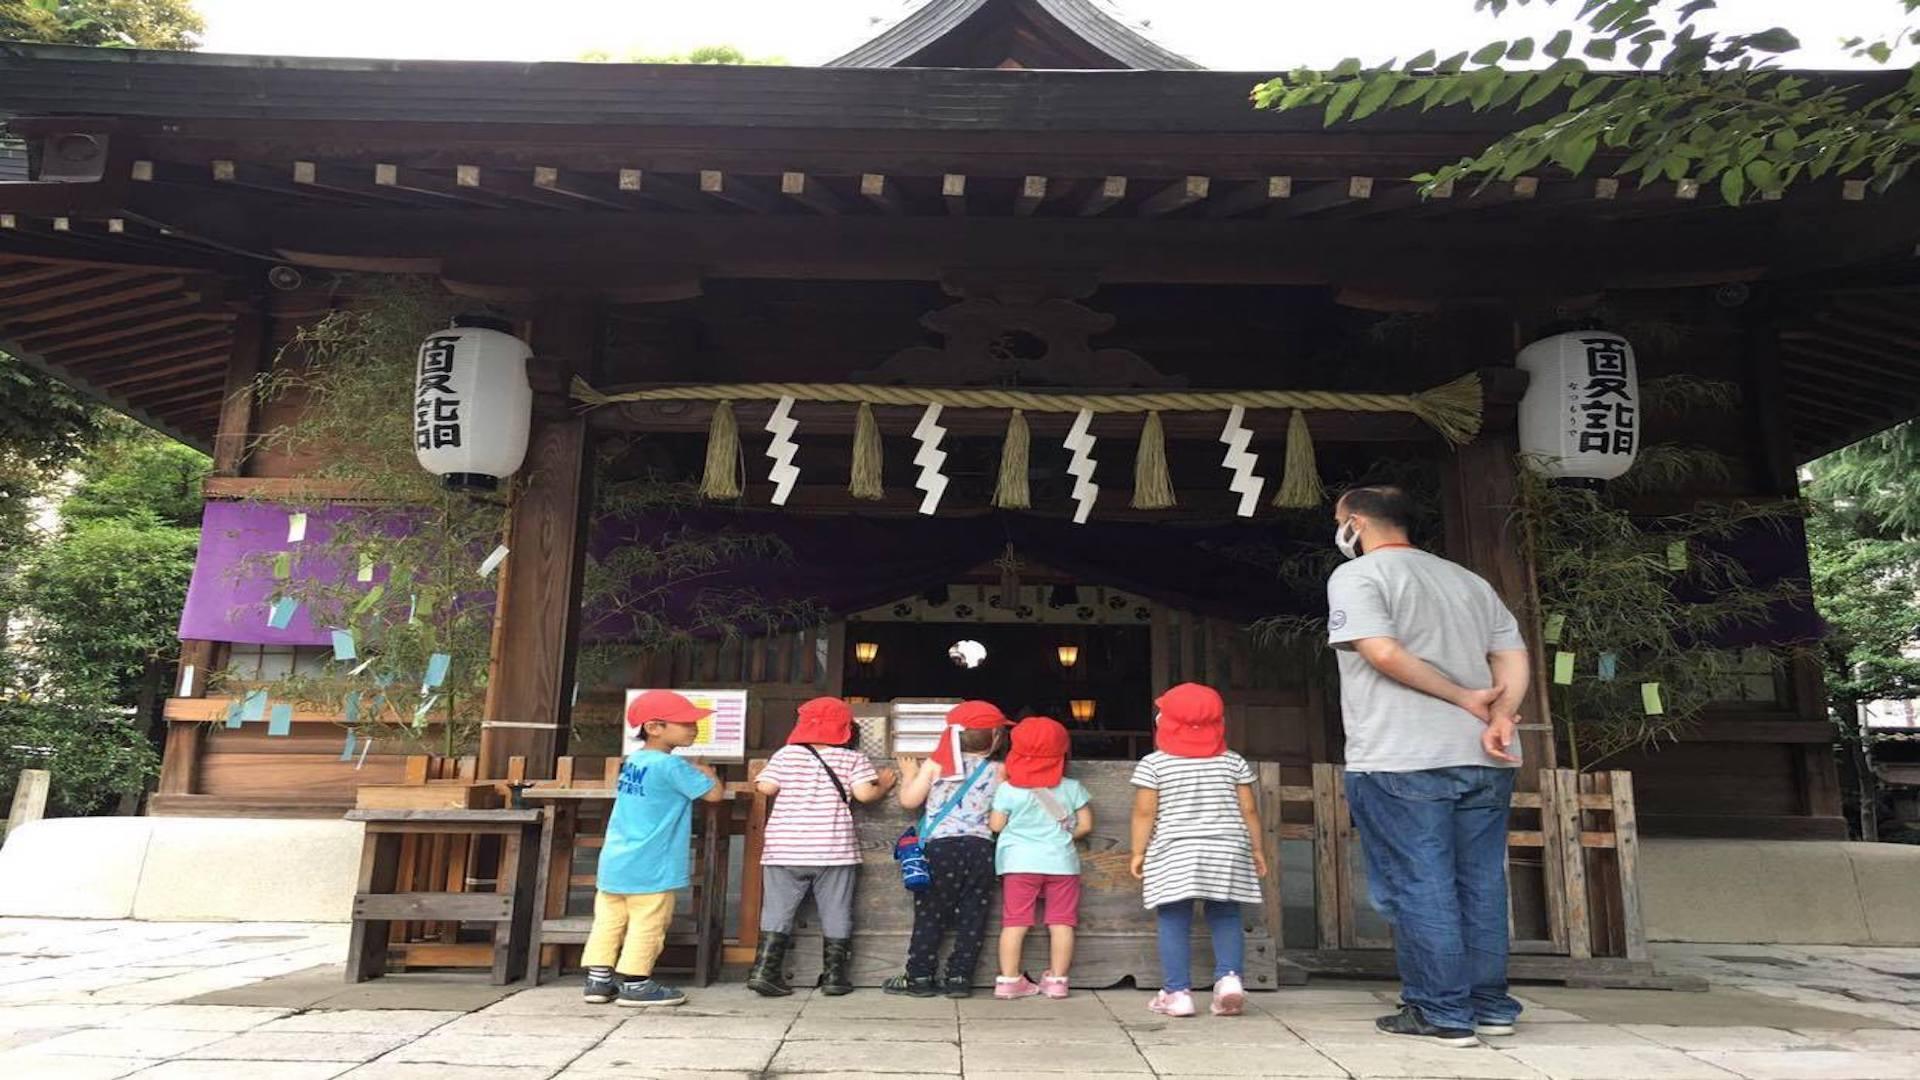 Preschool Kids Outing in Tokyo